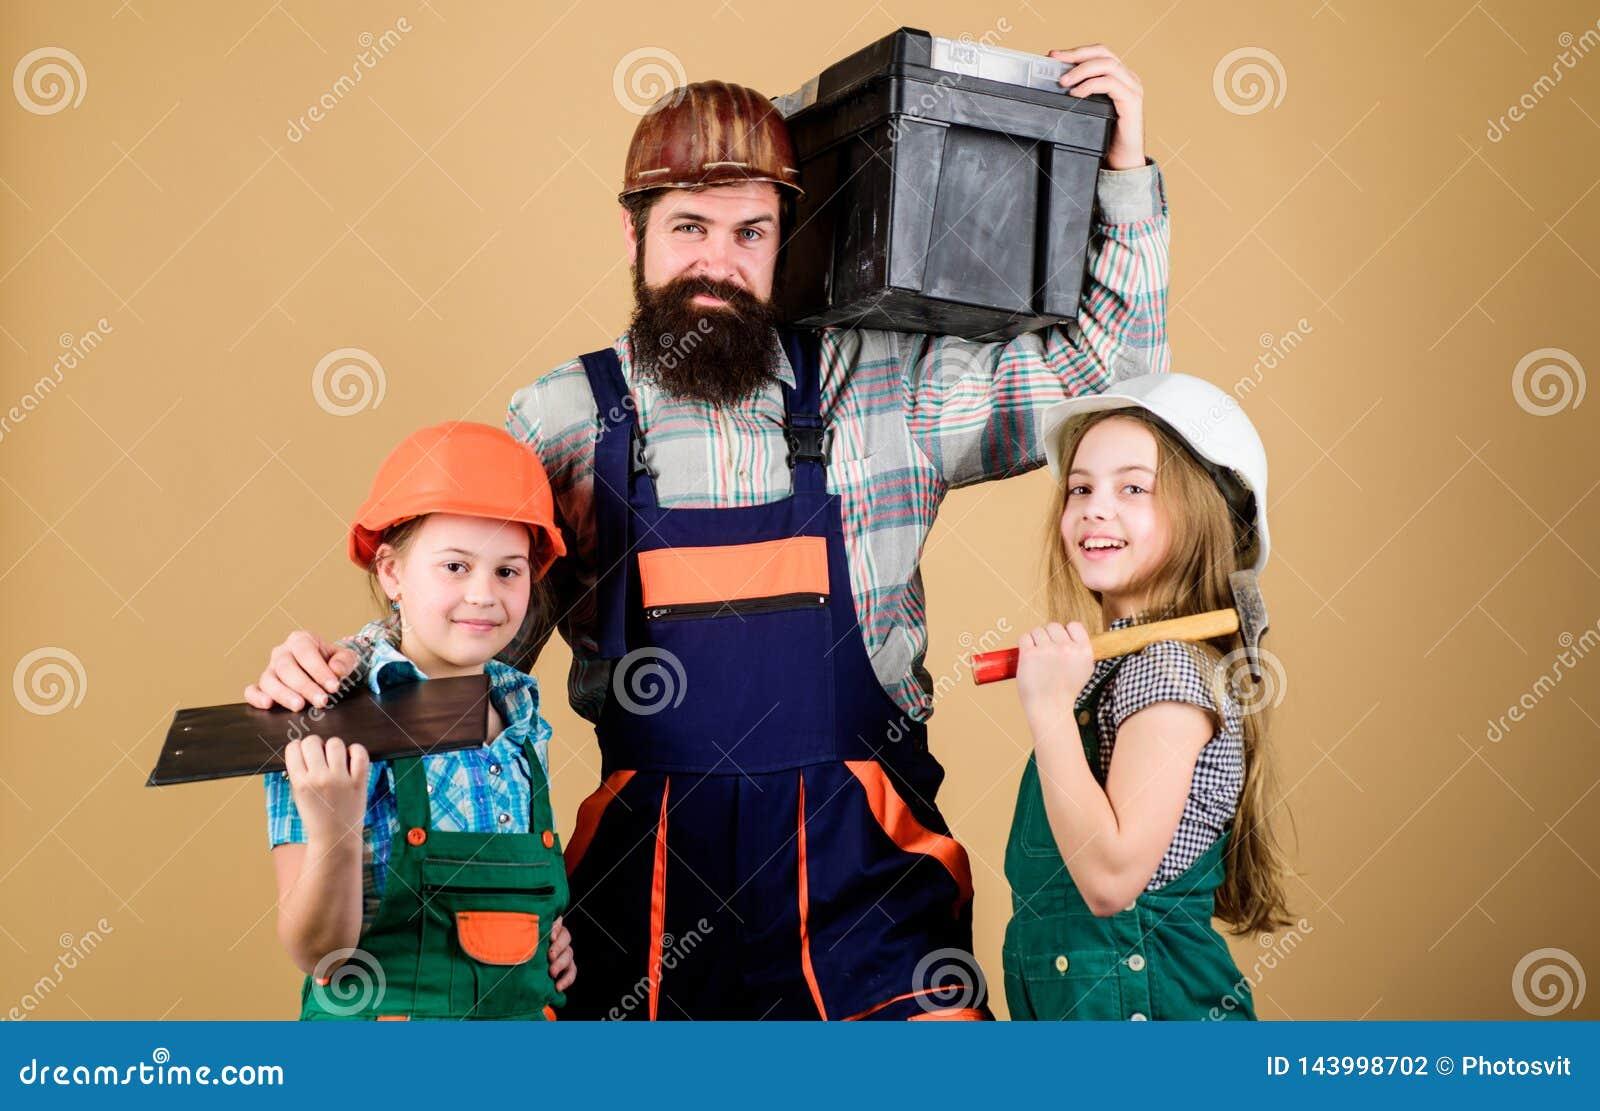 创造您真想要活的室 跟随父亲 父亲建造者孩子女孩 教女儿 不拘形式的教育 父亲